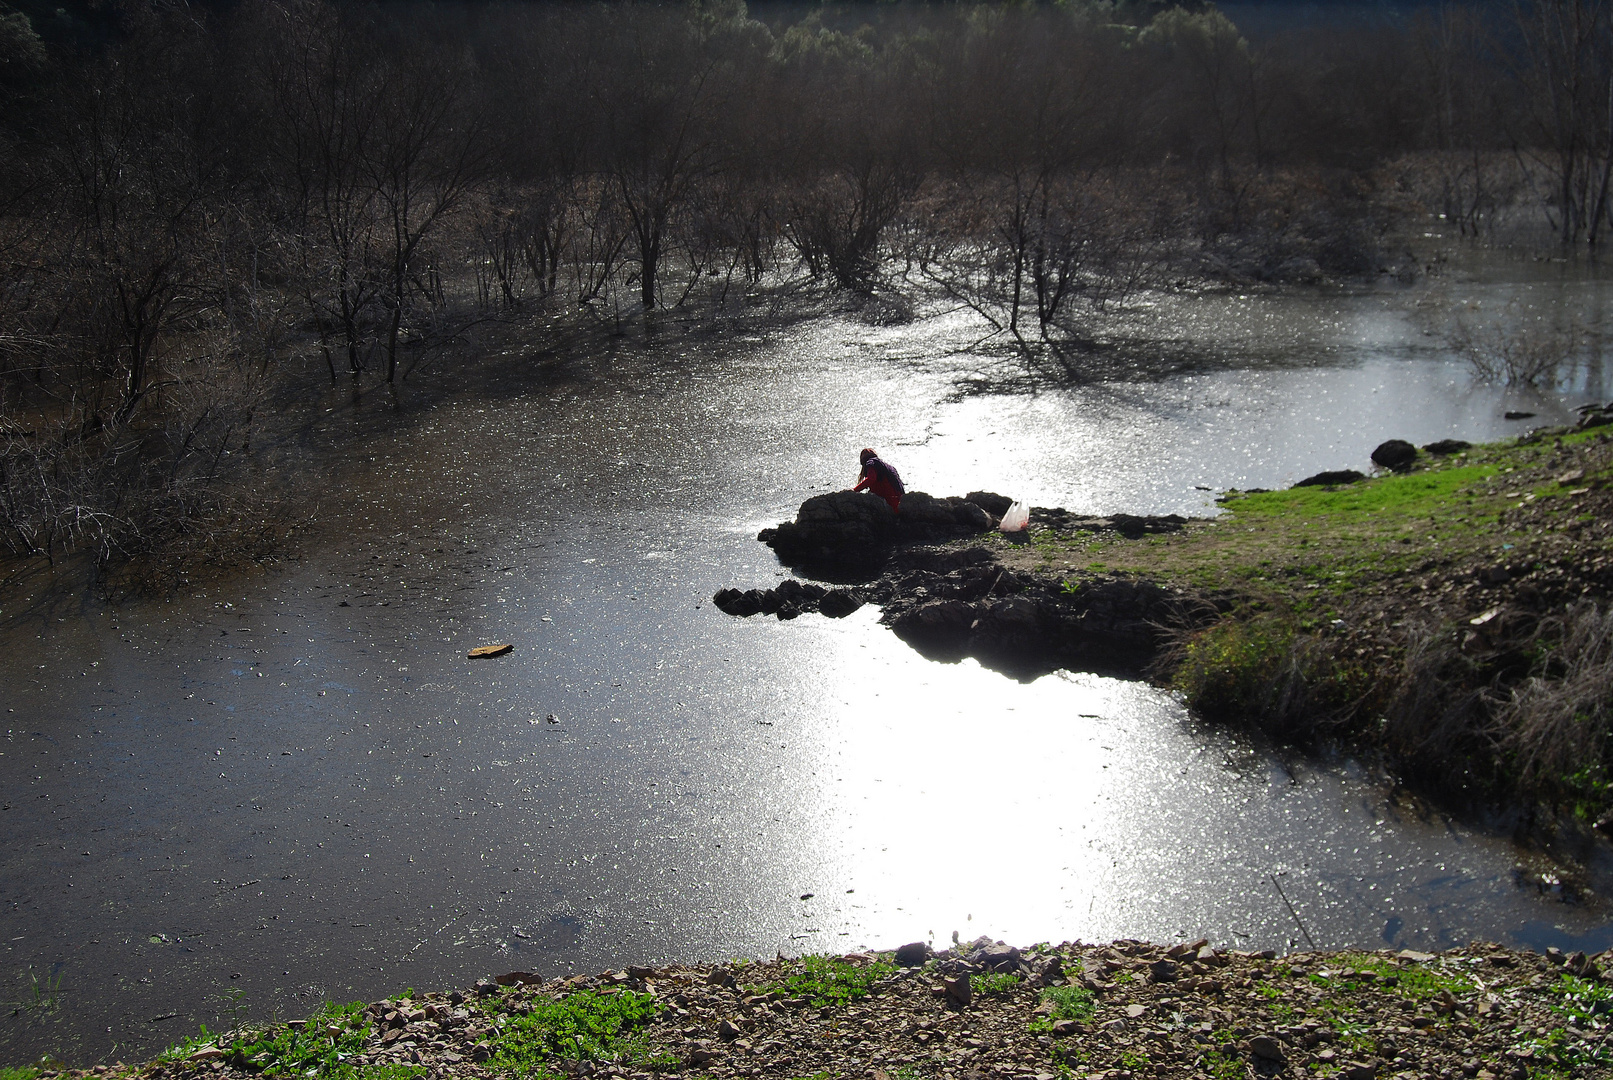 Rio Guadiato